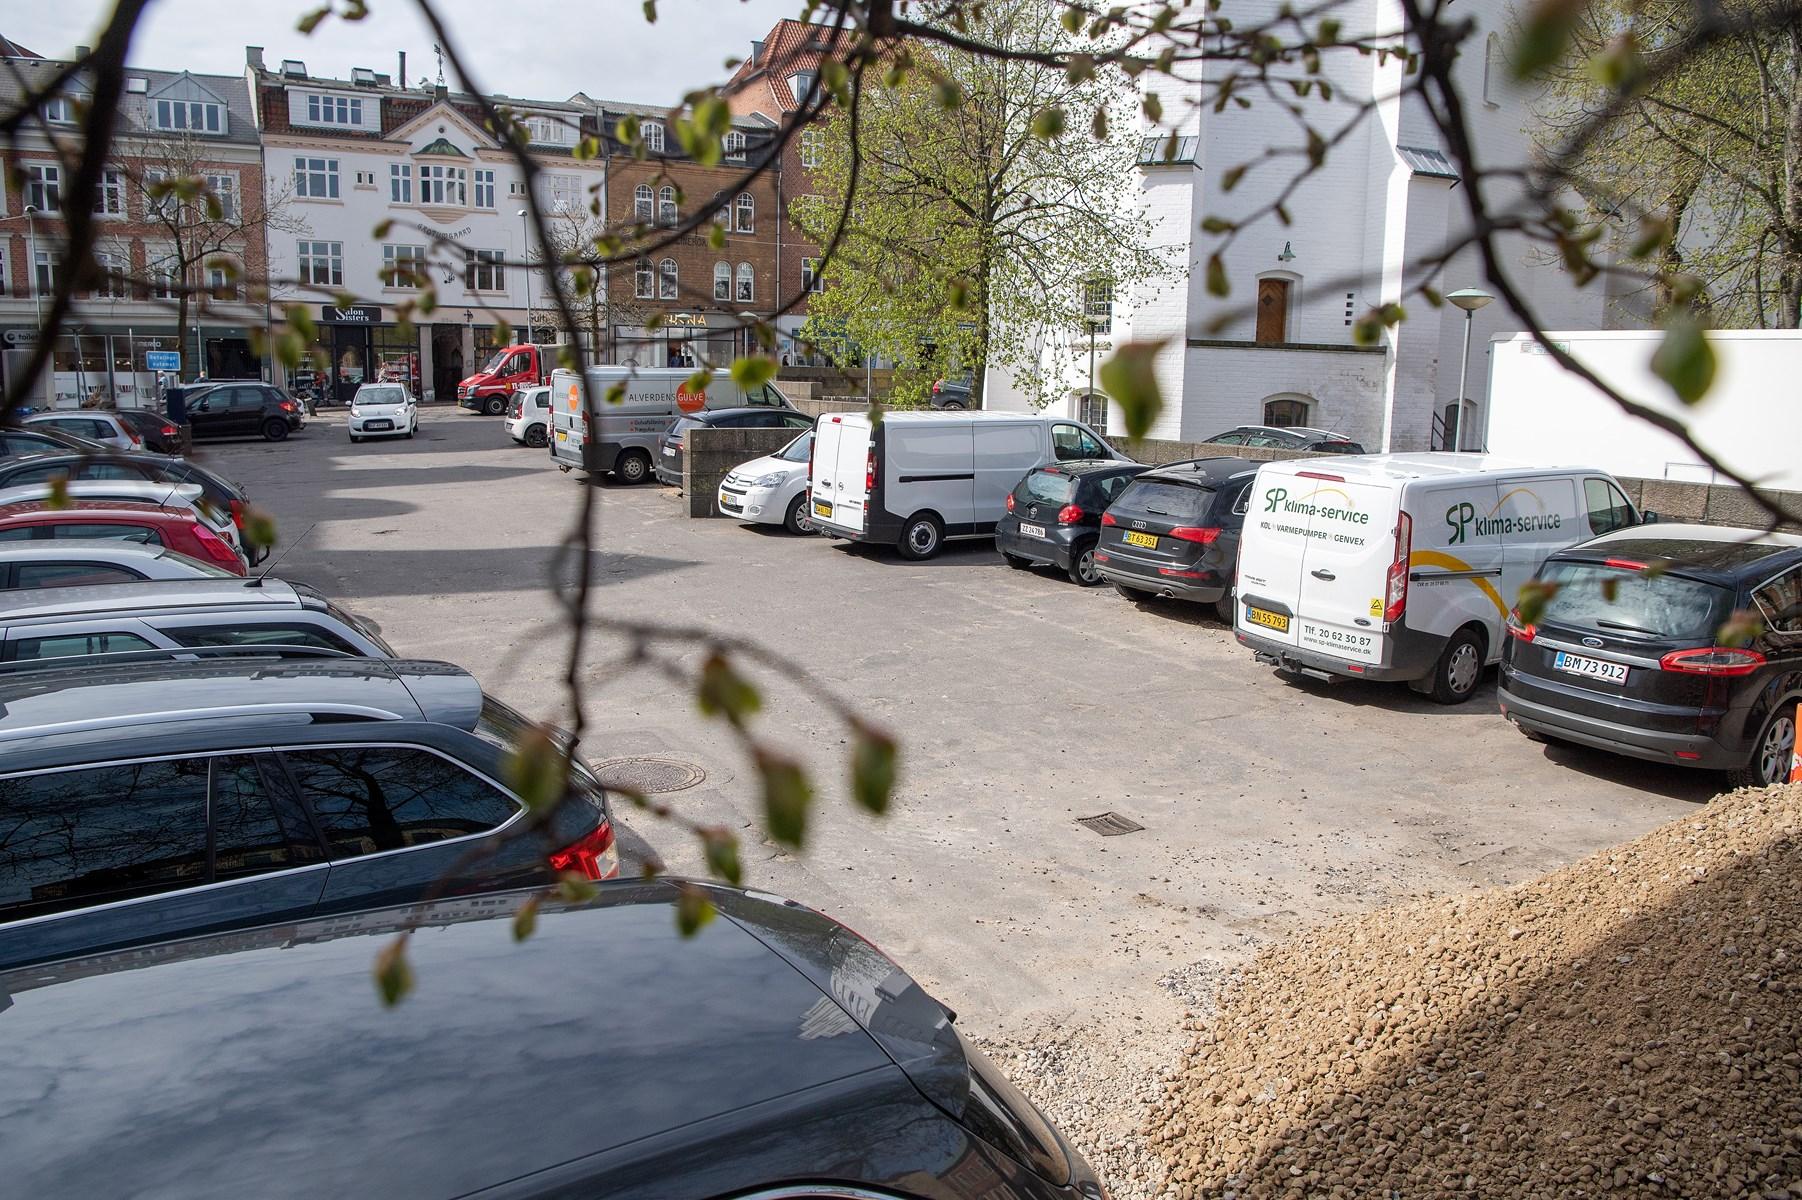 Det er denne parkeringsplads ved Budolfi, der snart er fortid.